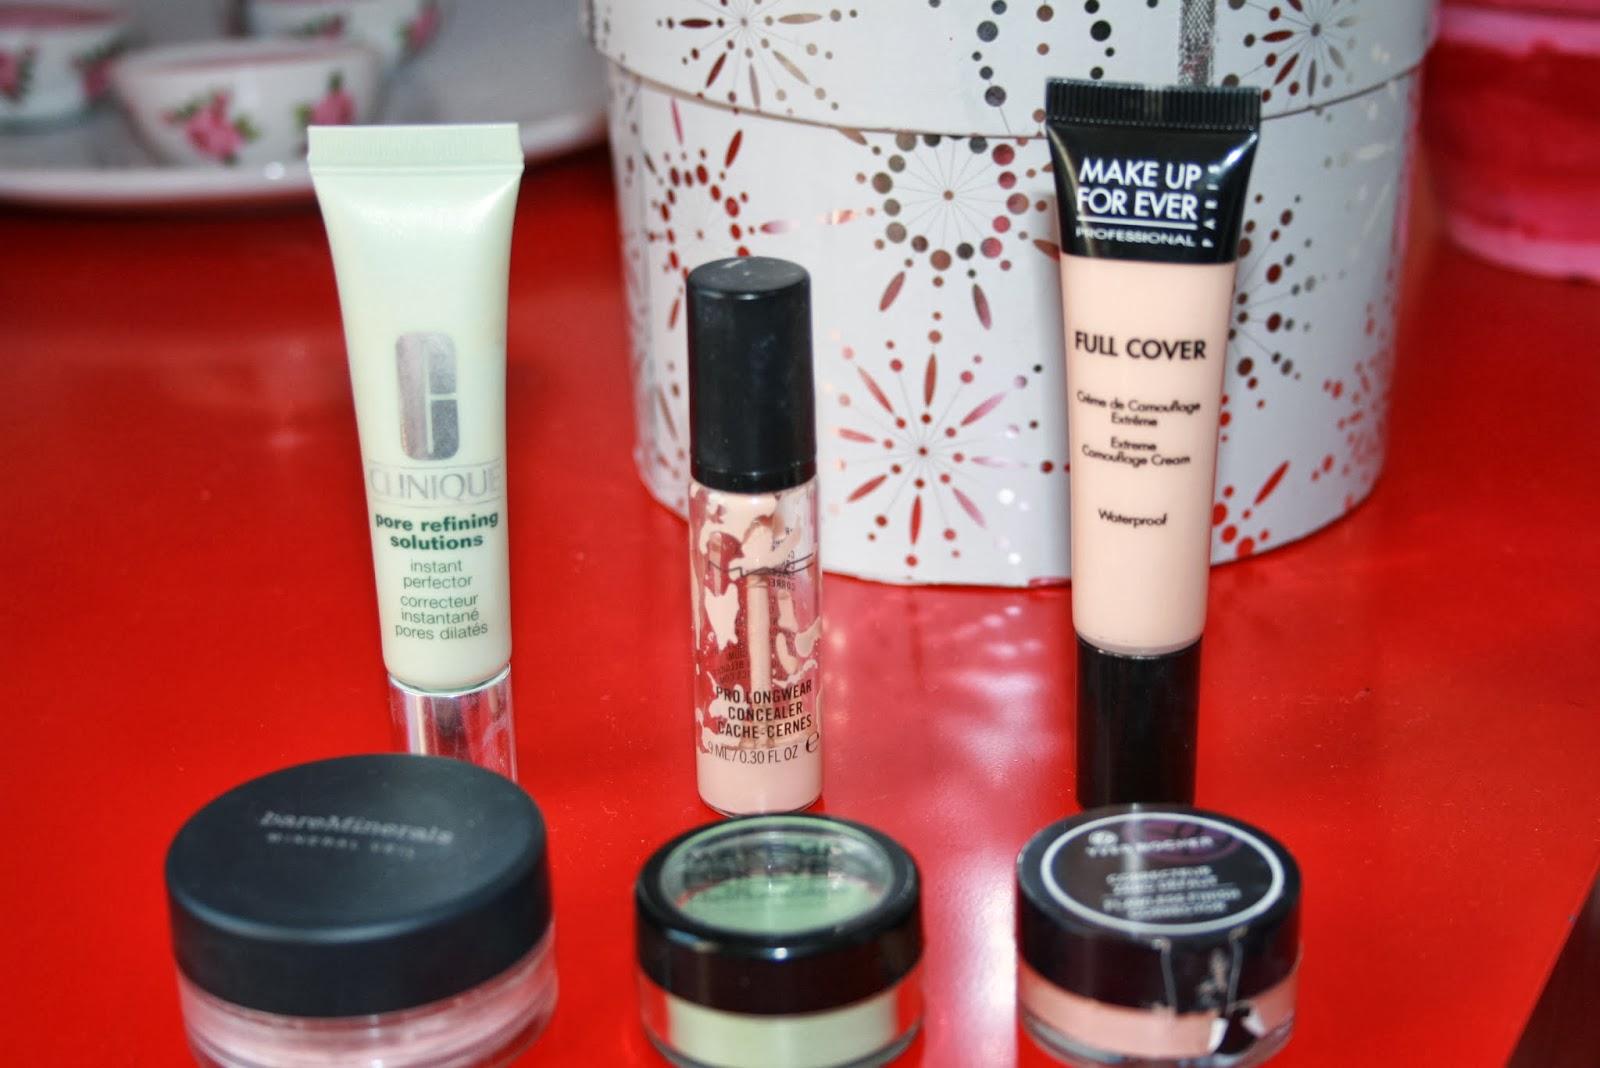 La crème médicale tonale pour la peau des acnés